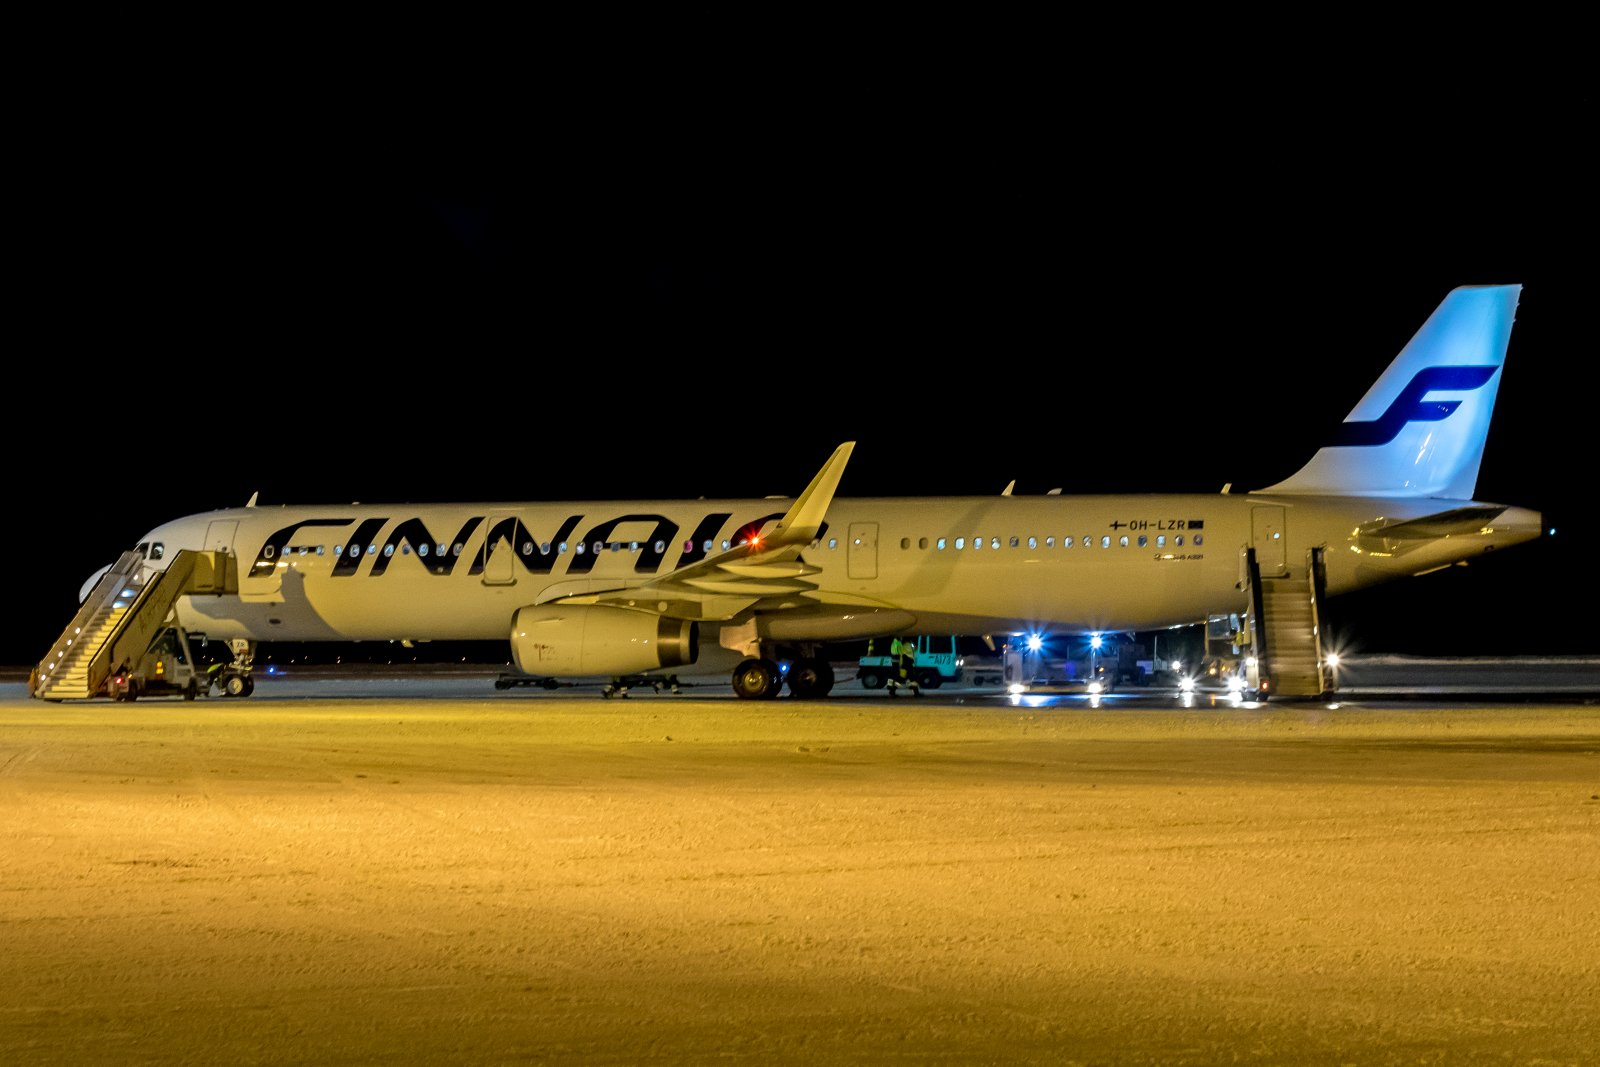 OH-LZR. Siinäpä muutaman viikon vanha Finnairin Airbus 321-231